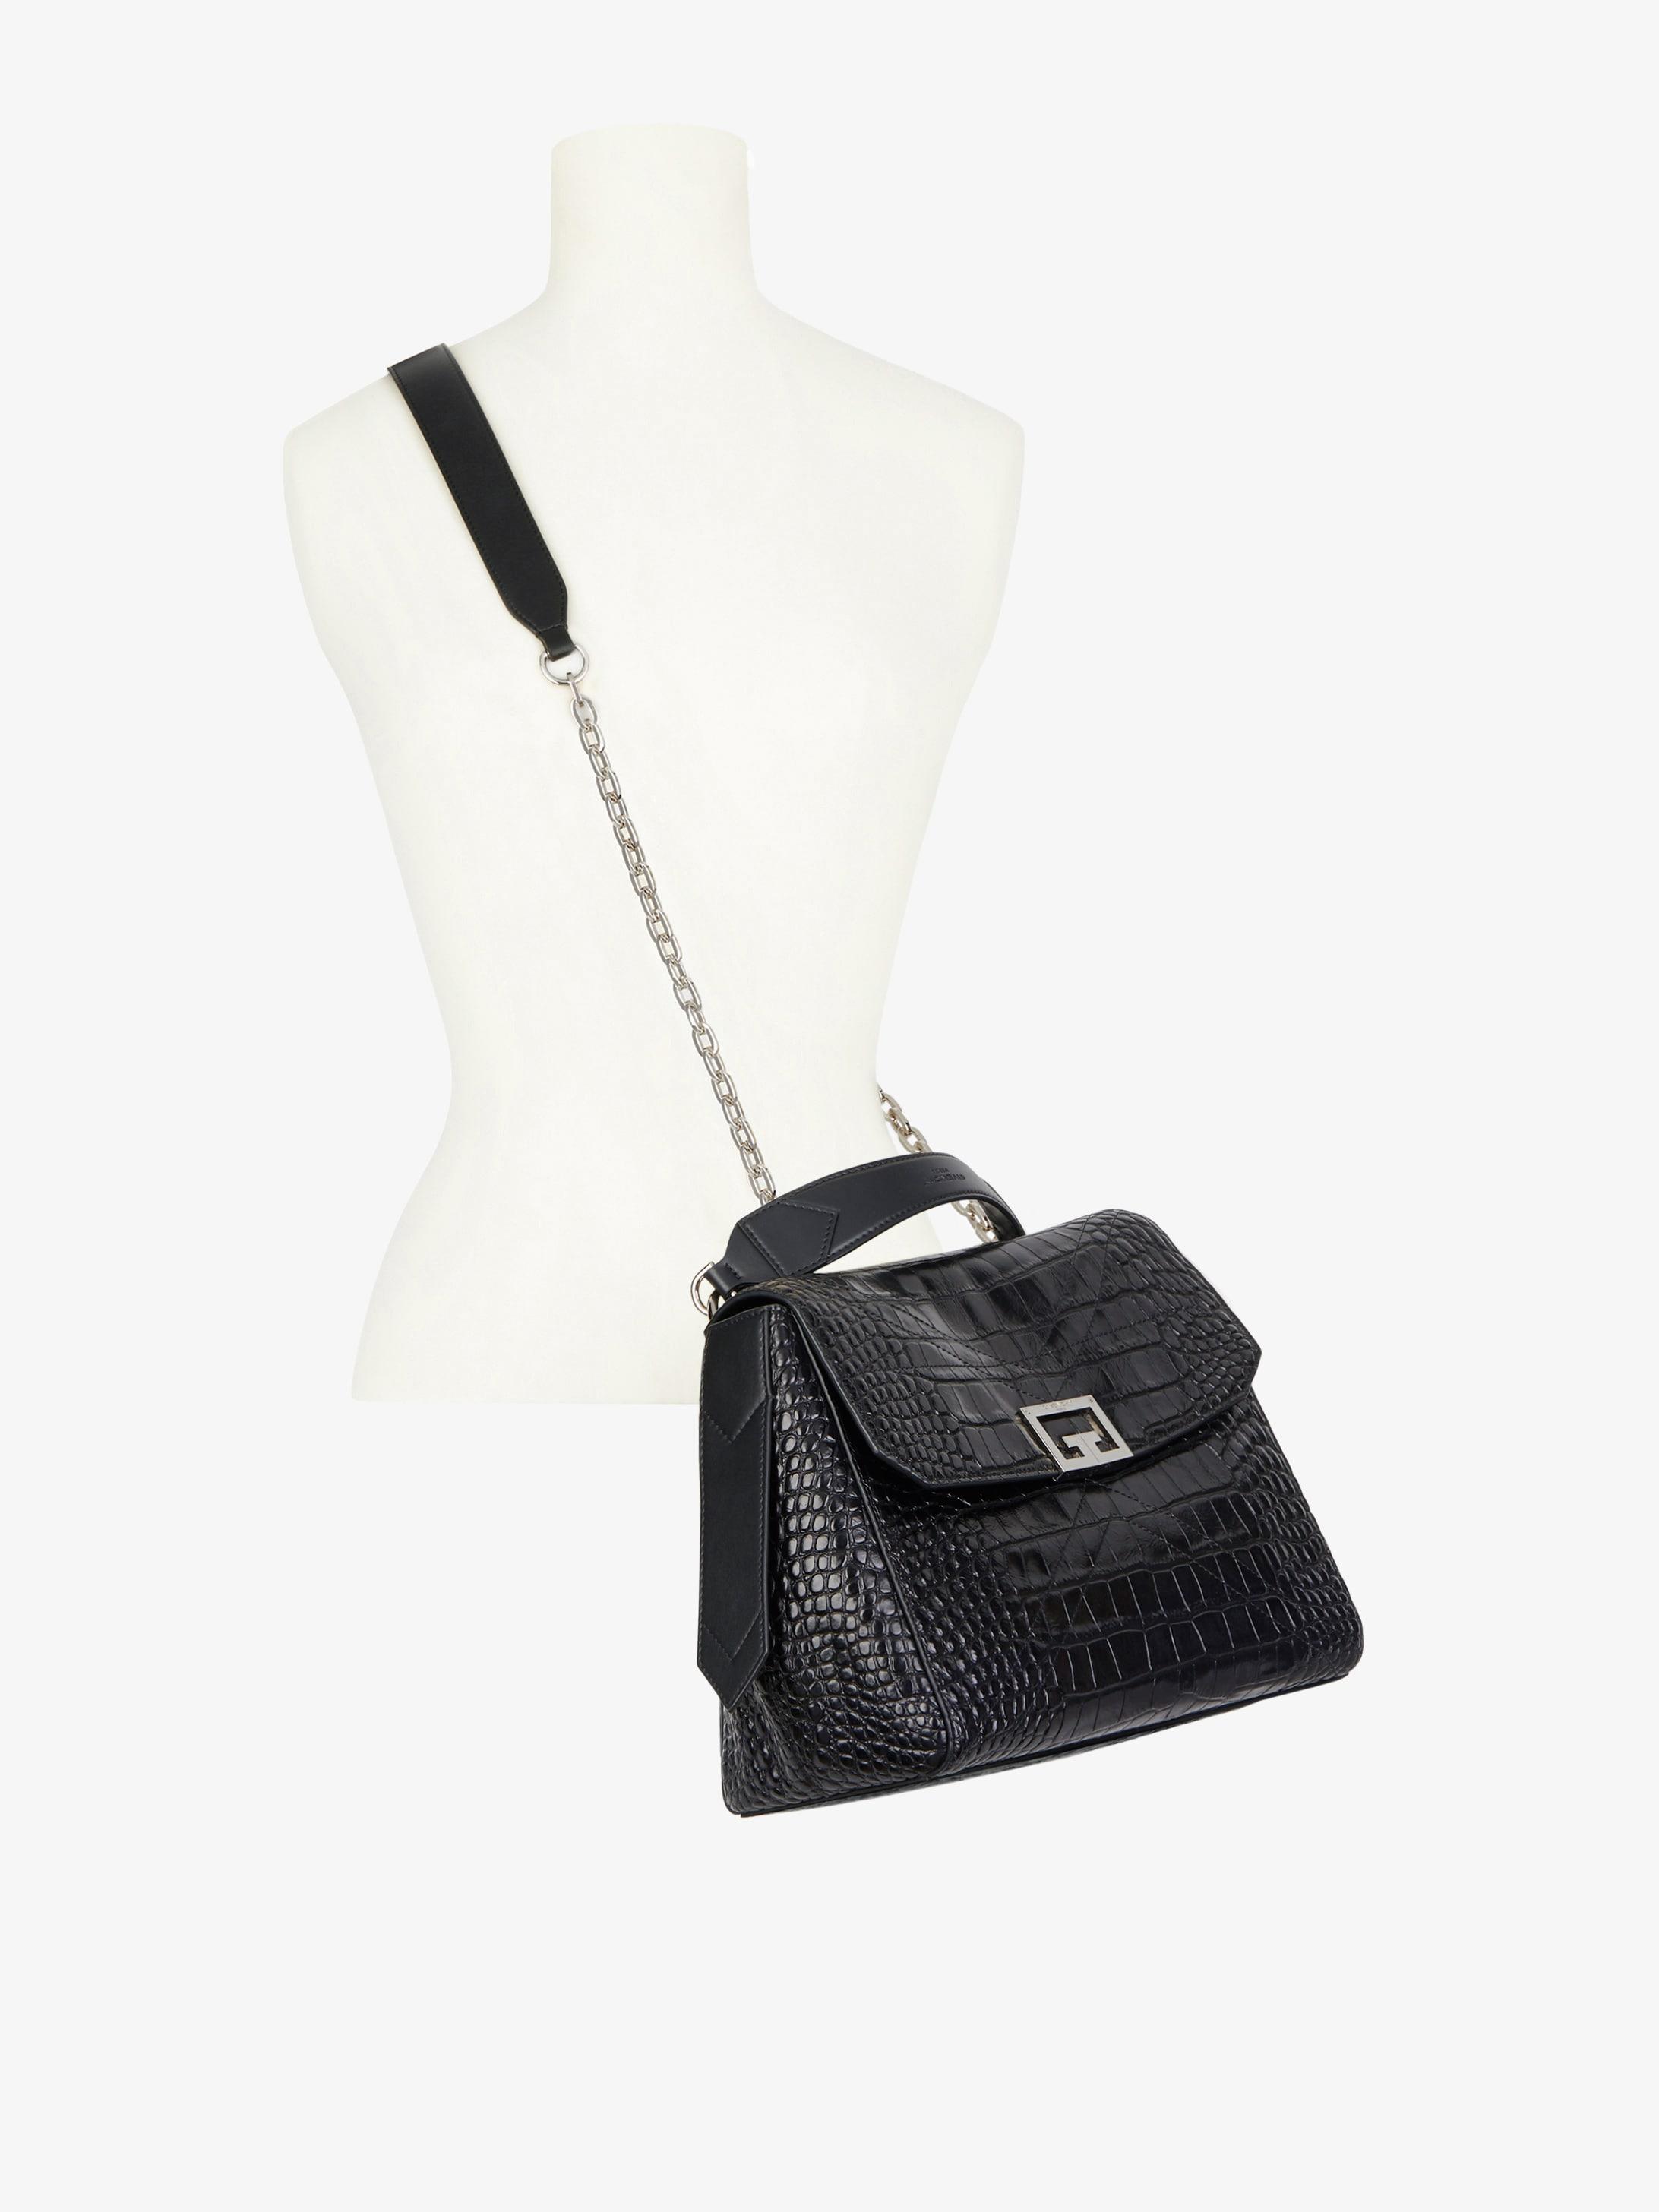 Medium ID bag in crocodile effect leather